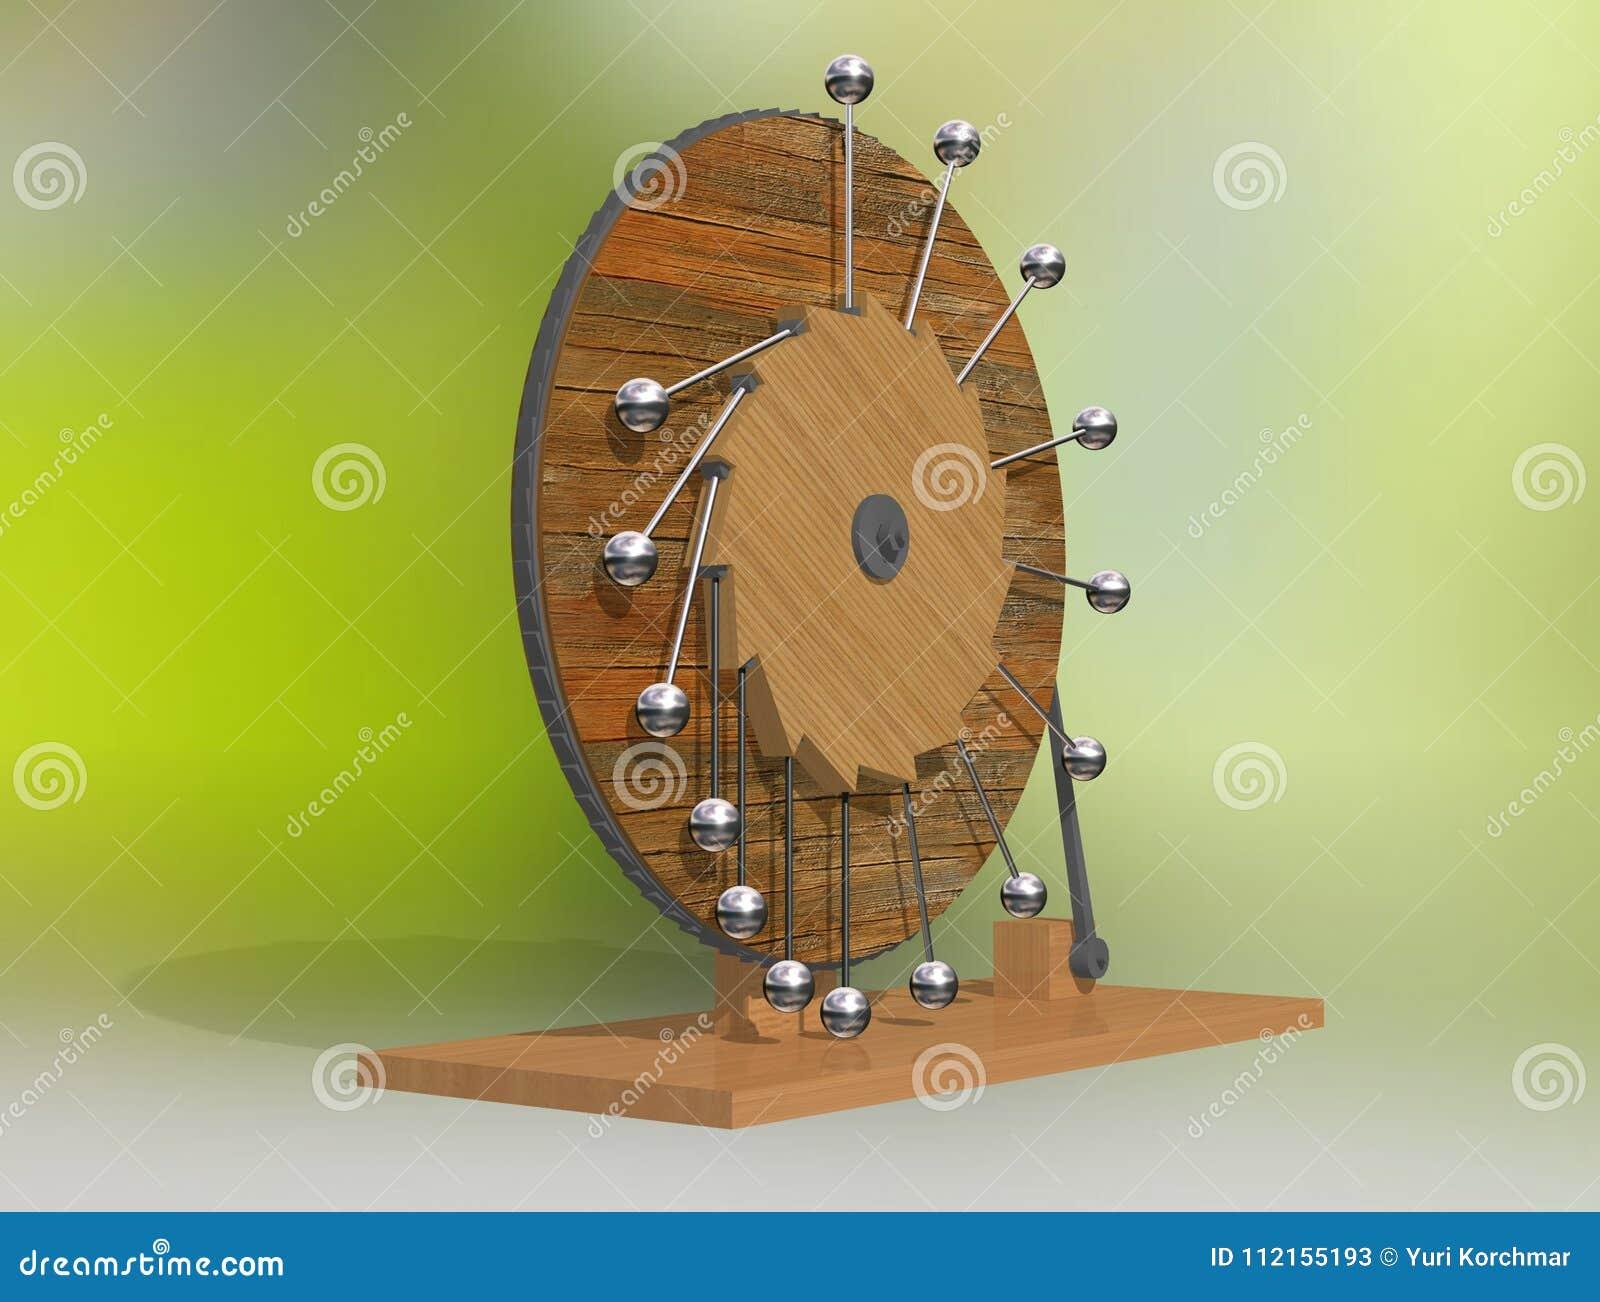 Perpetuum mobile. Leonardo da Vinci`s perpetual motion machine.